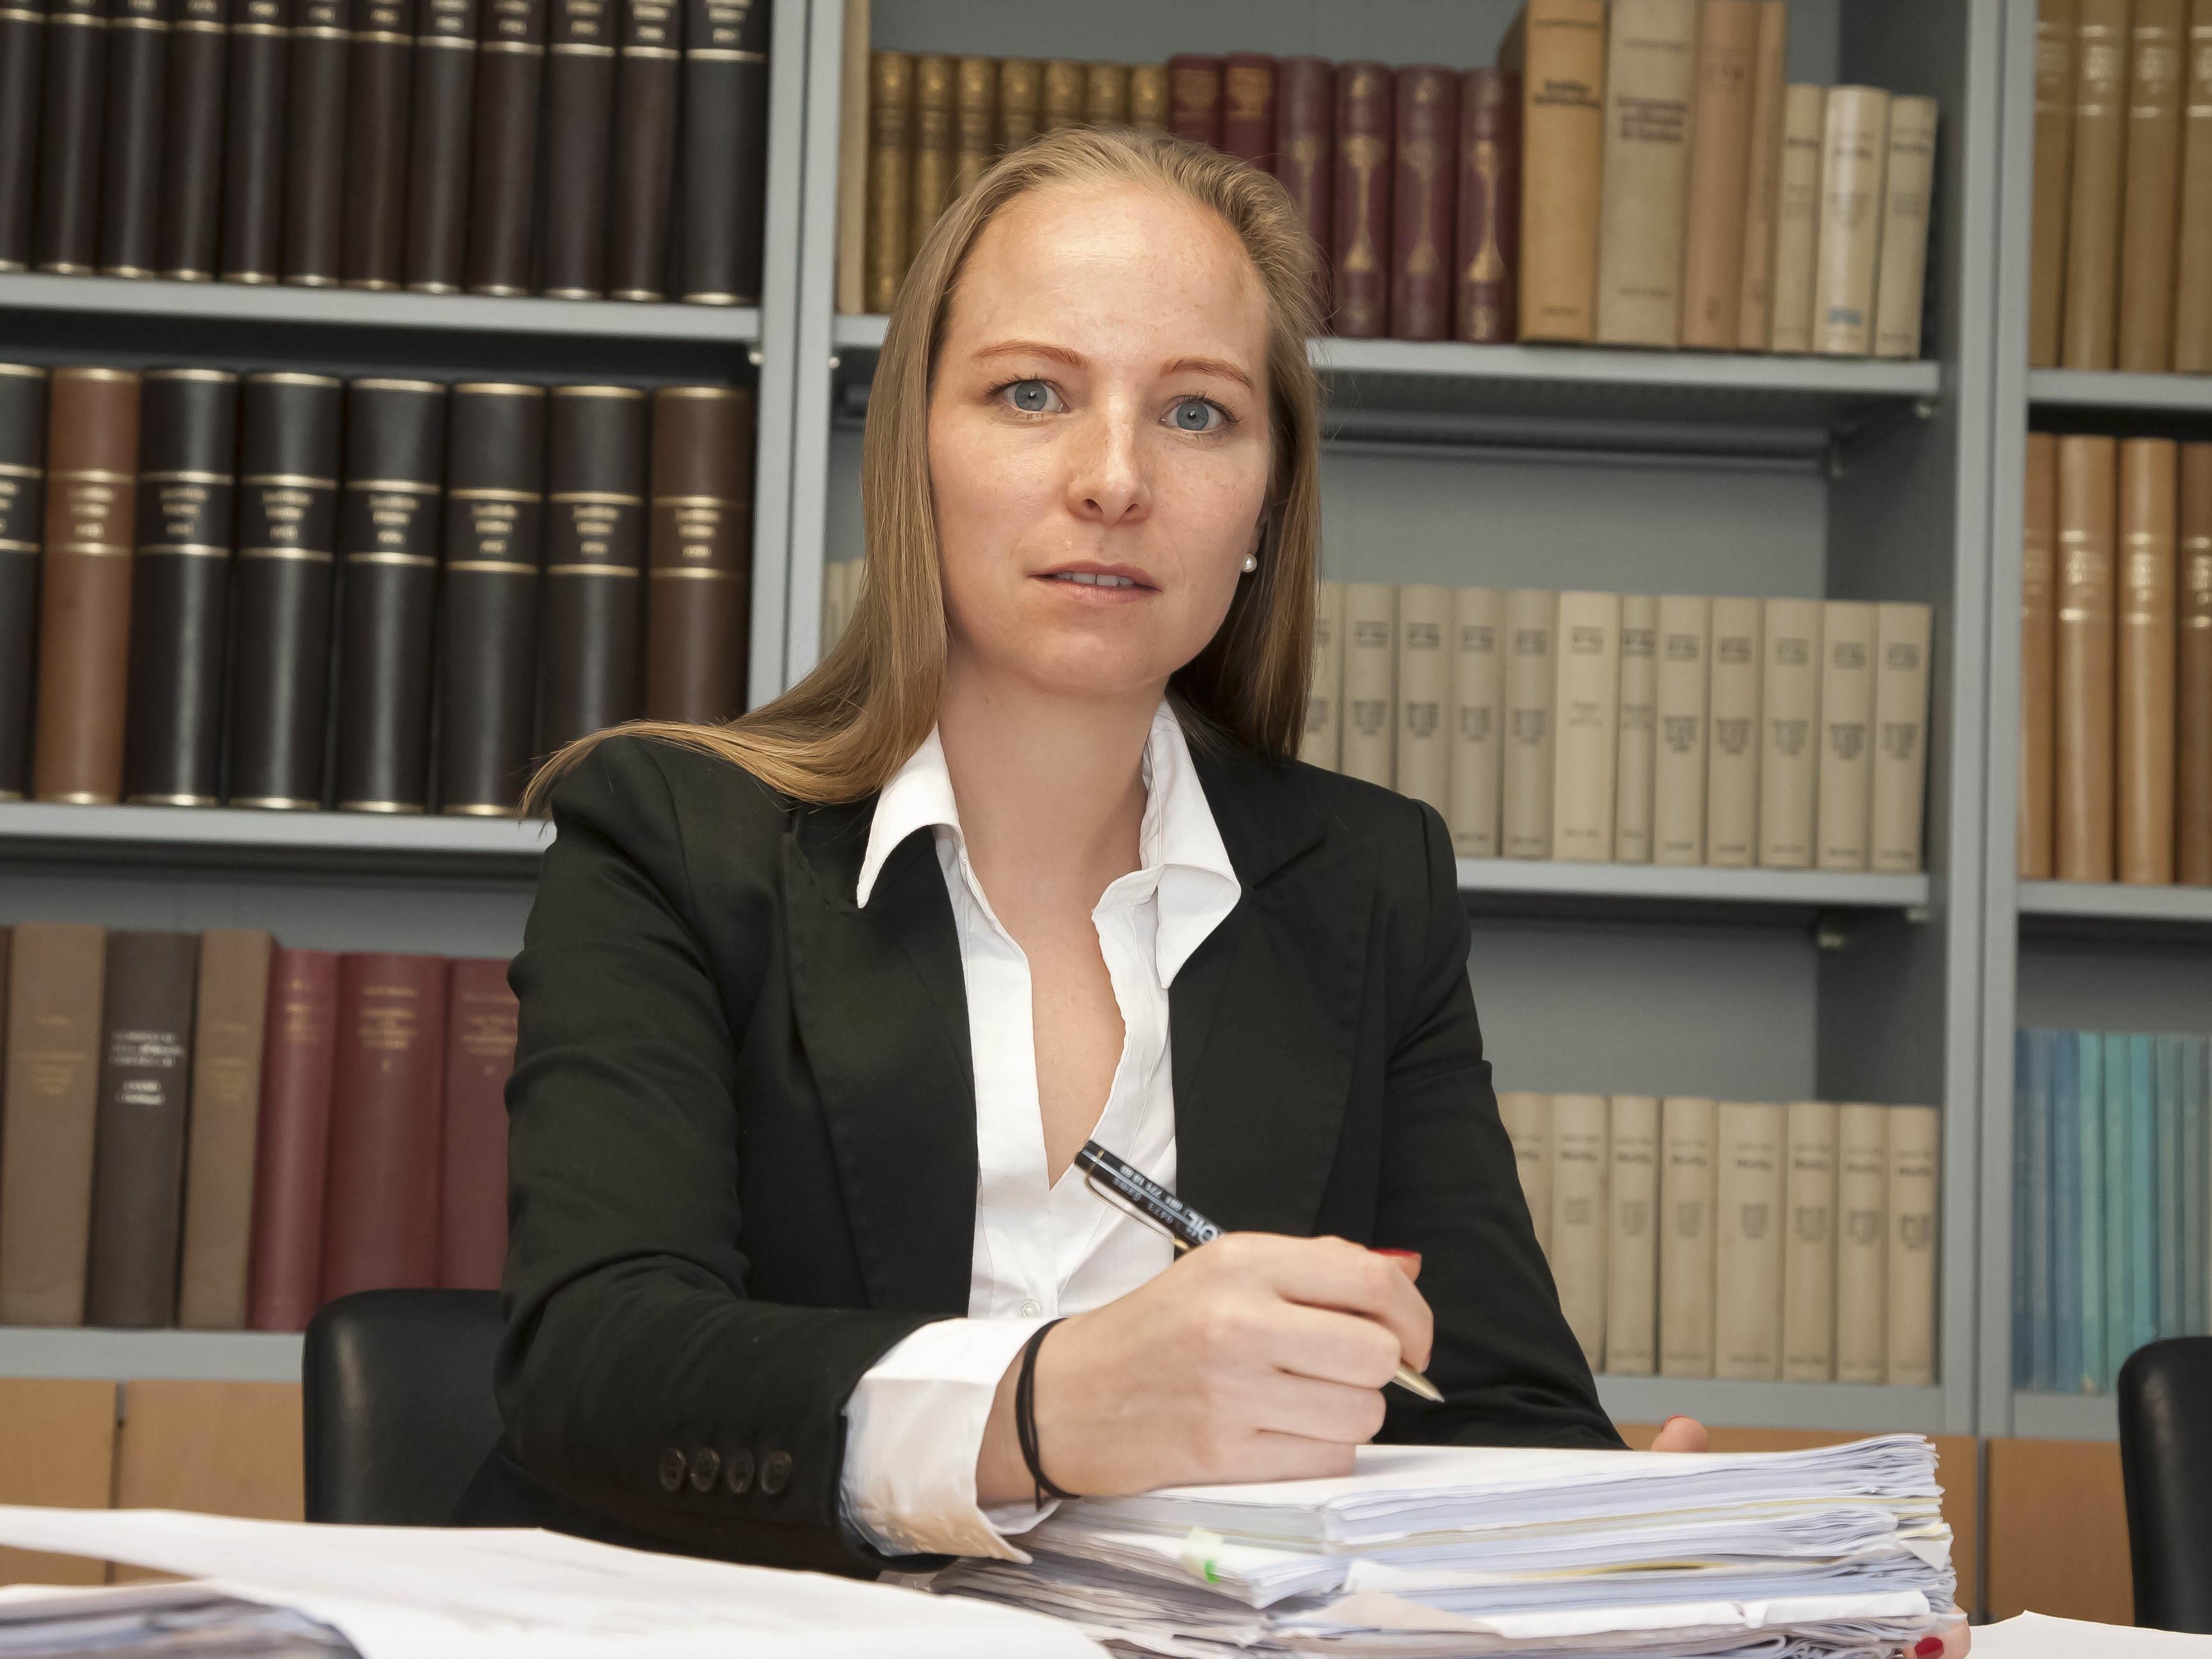 Rechtsanwältin Olivia Lerch erklärt die Obergrenzen.